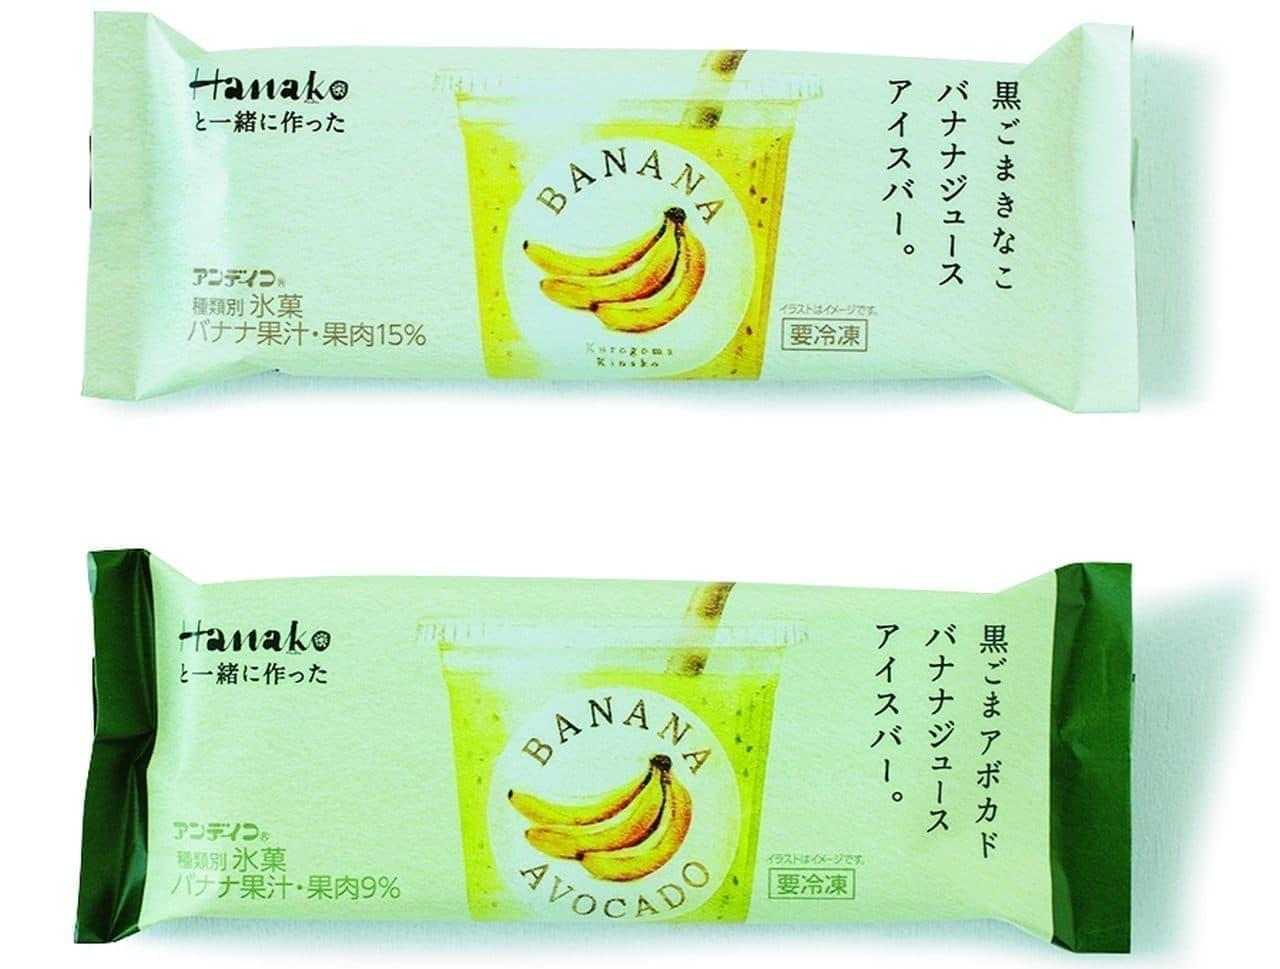 「黒ごまきなこバナナジュースアイスバー。」など、雑誌『Hanako』監修アイスの第3弾